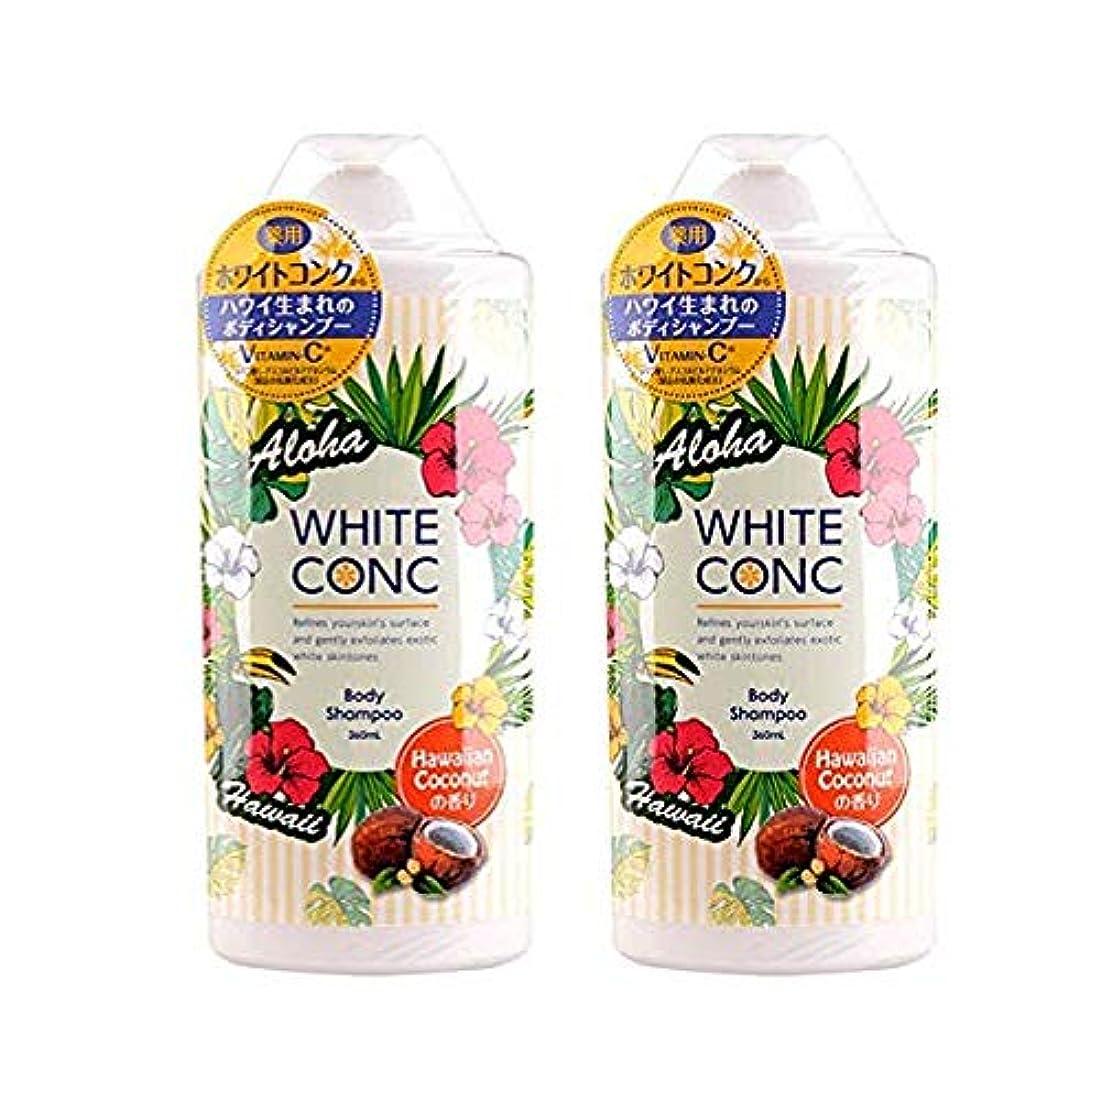 リード誇りエアコン薬用ホワイトコンク ボディシャンプー ハワイ(医薬部外品) 2本セット